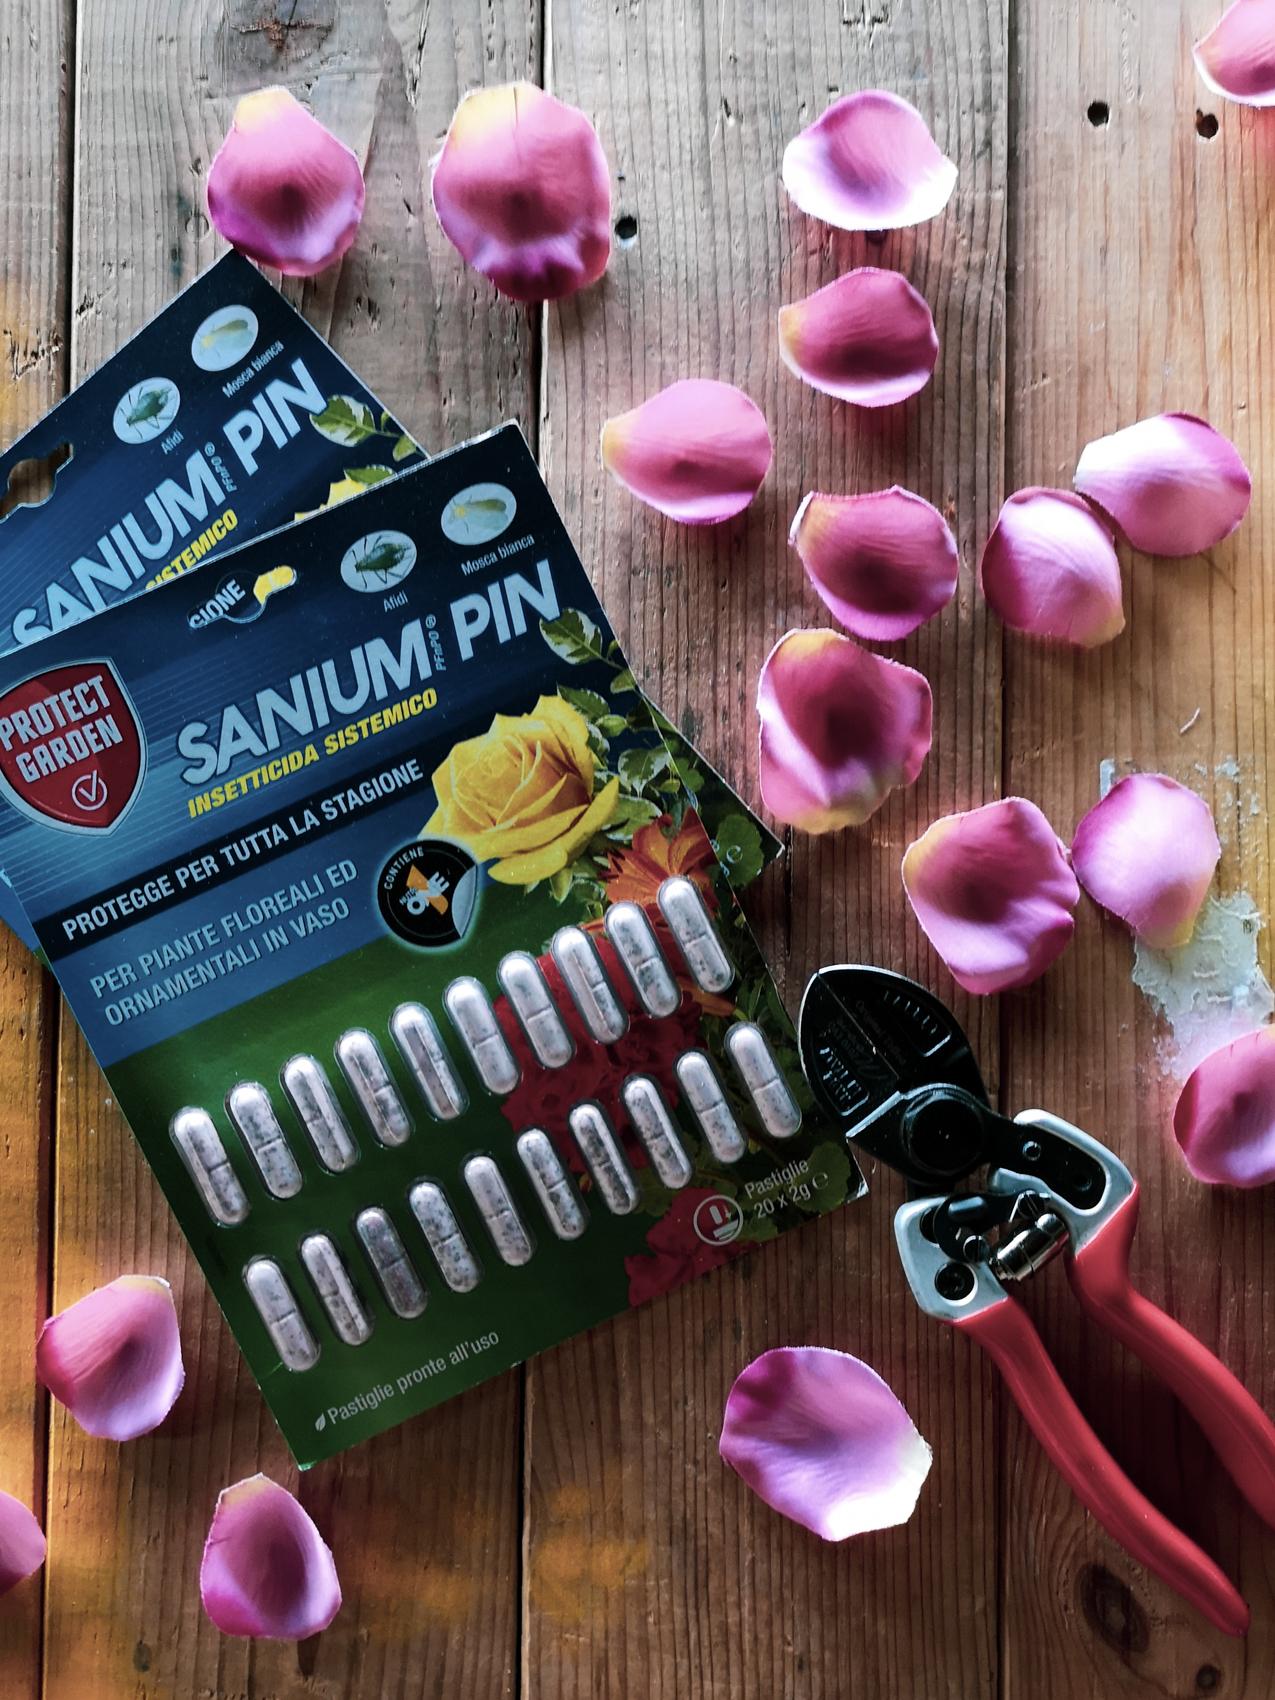 sanium pin per gli afidi